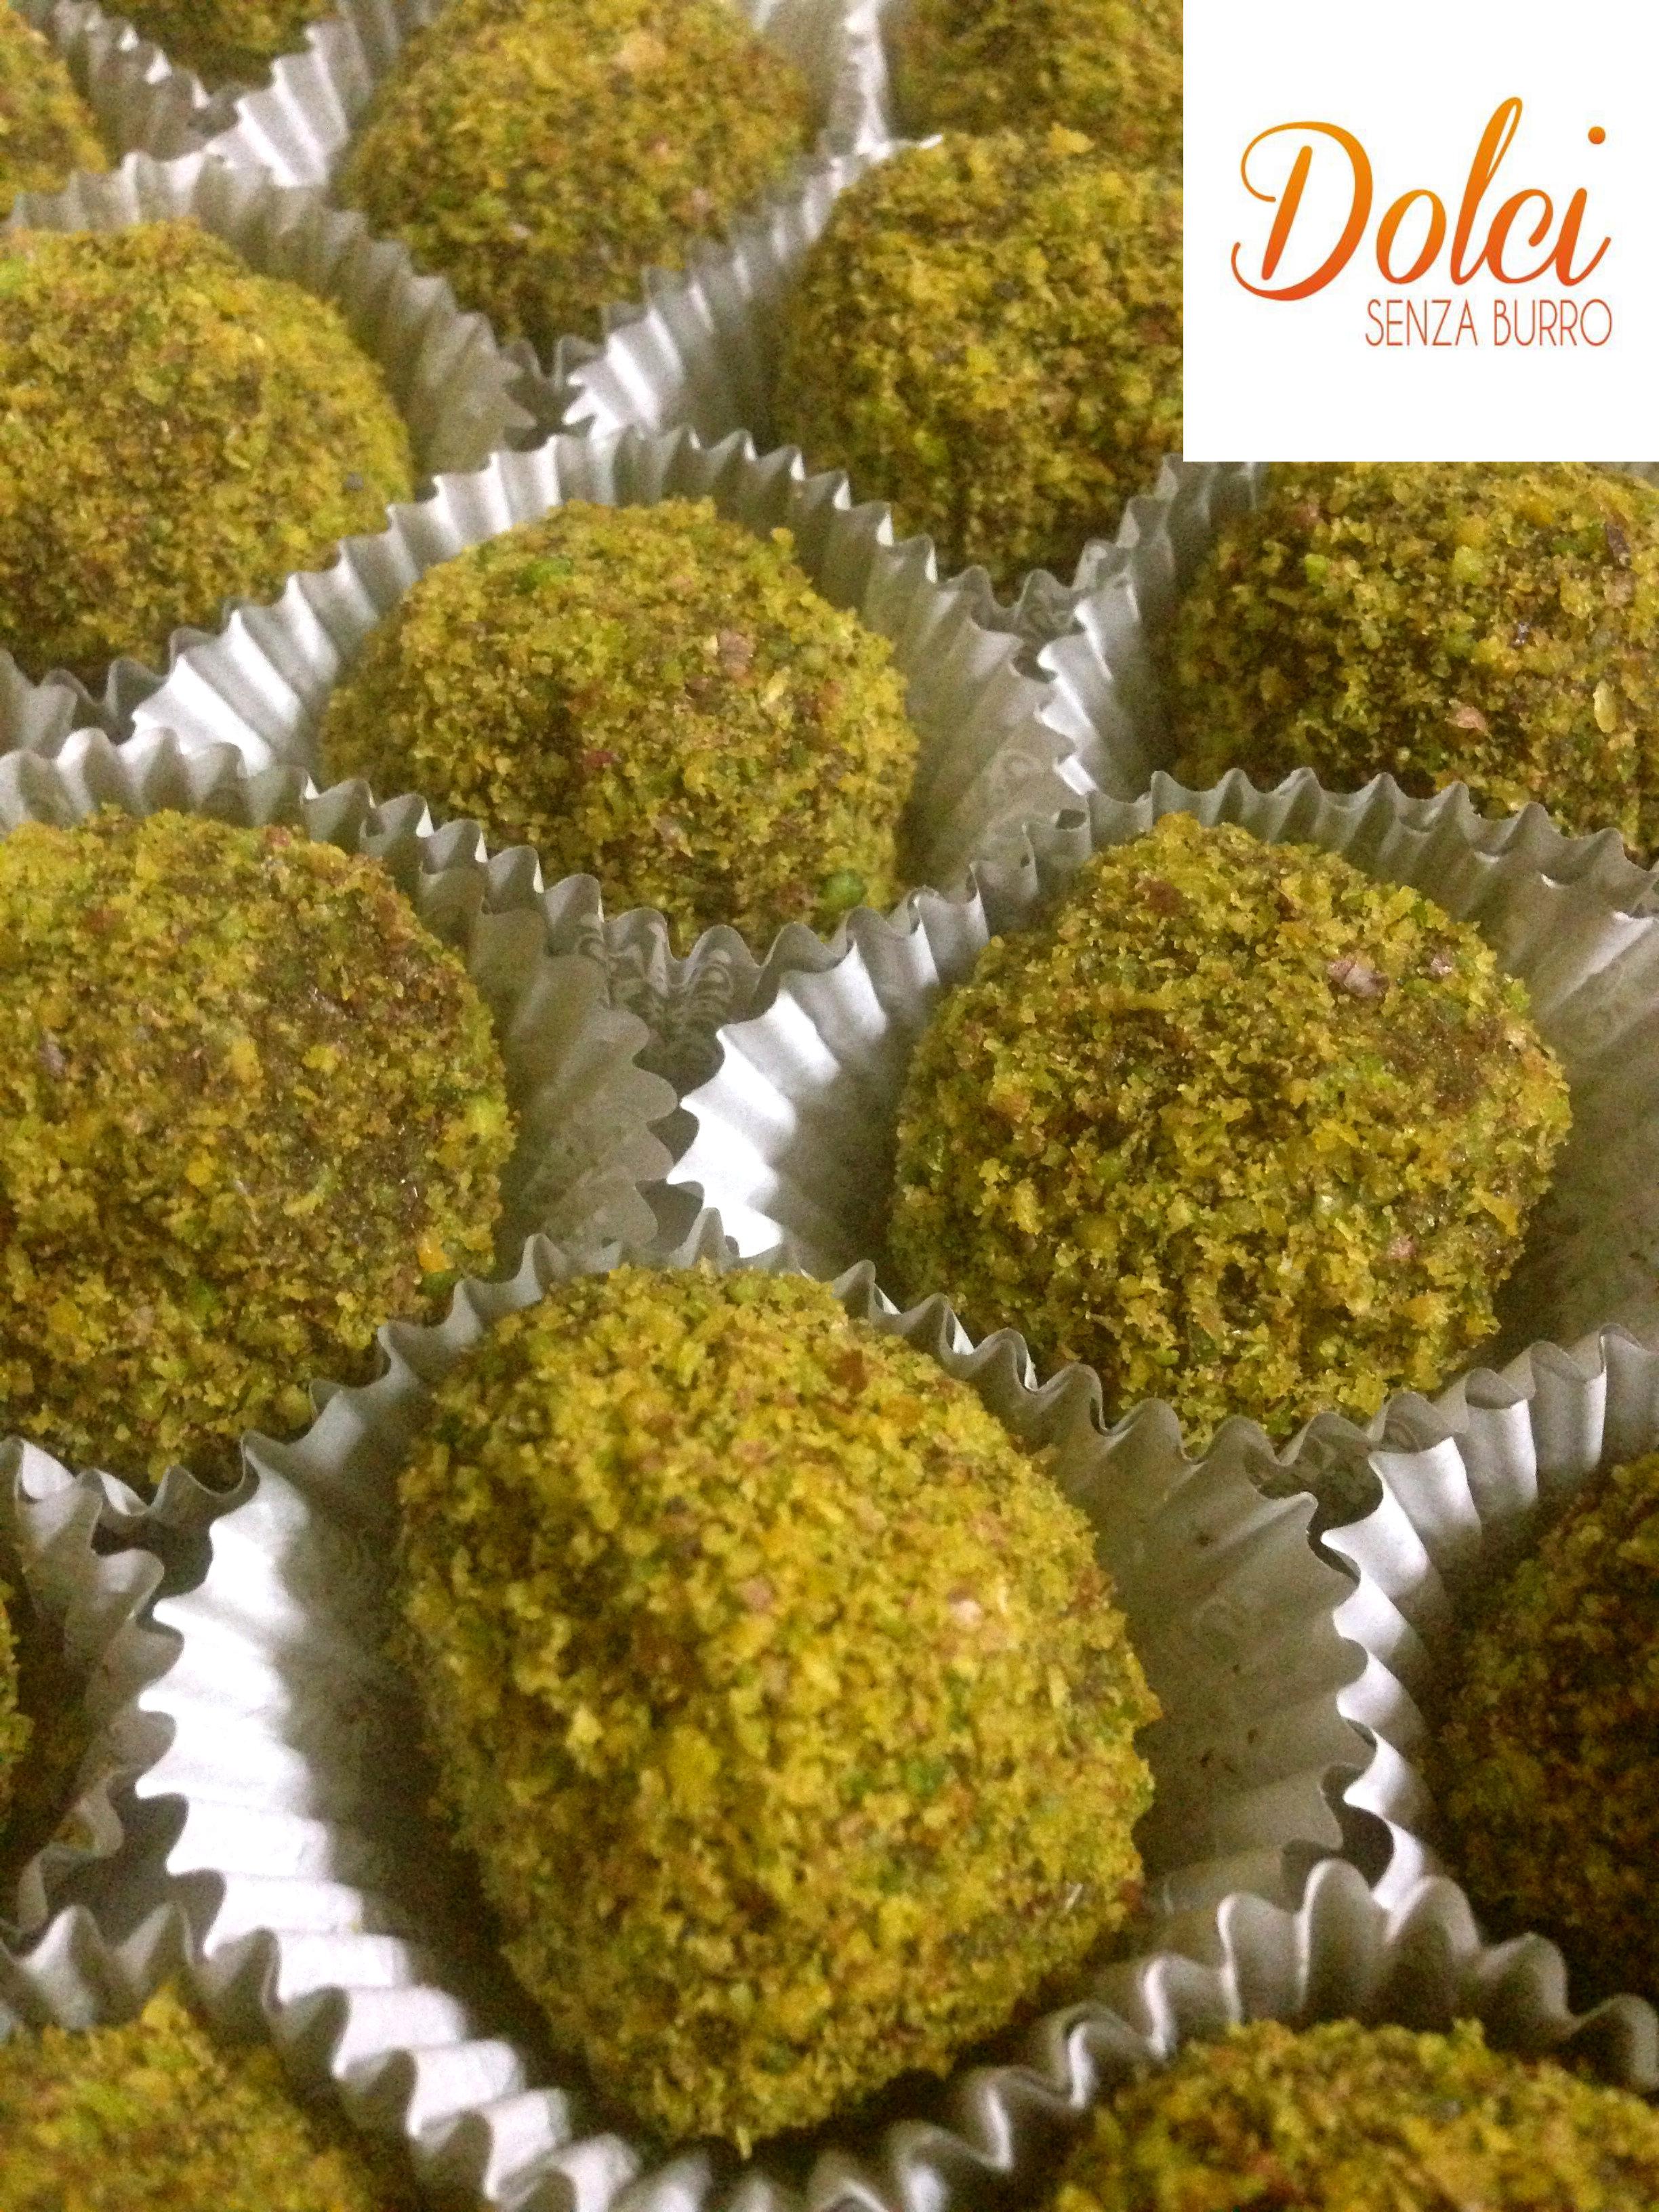 Tartufi al Pistacchio, un dolce fresco e goloso facile e veloce da realizzare di dolci senza burro